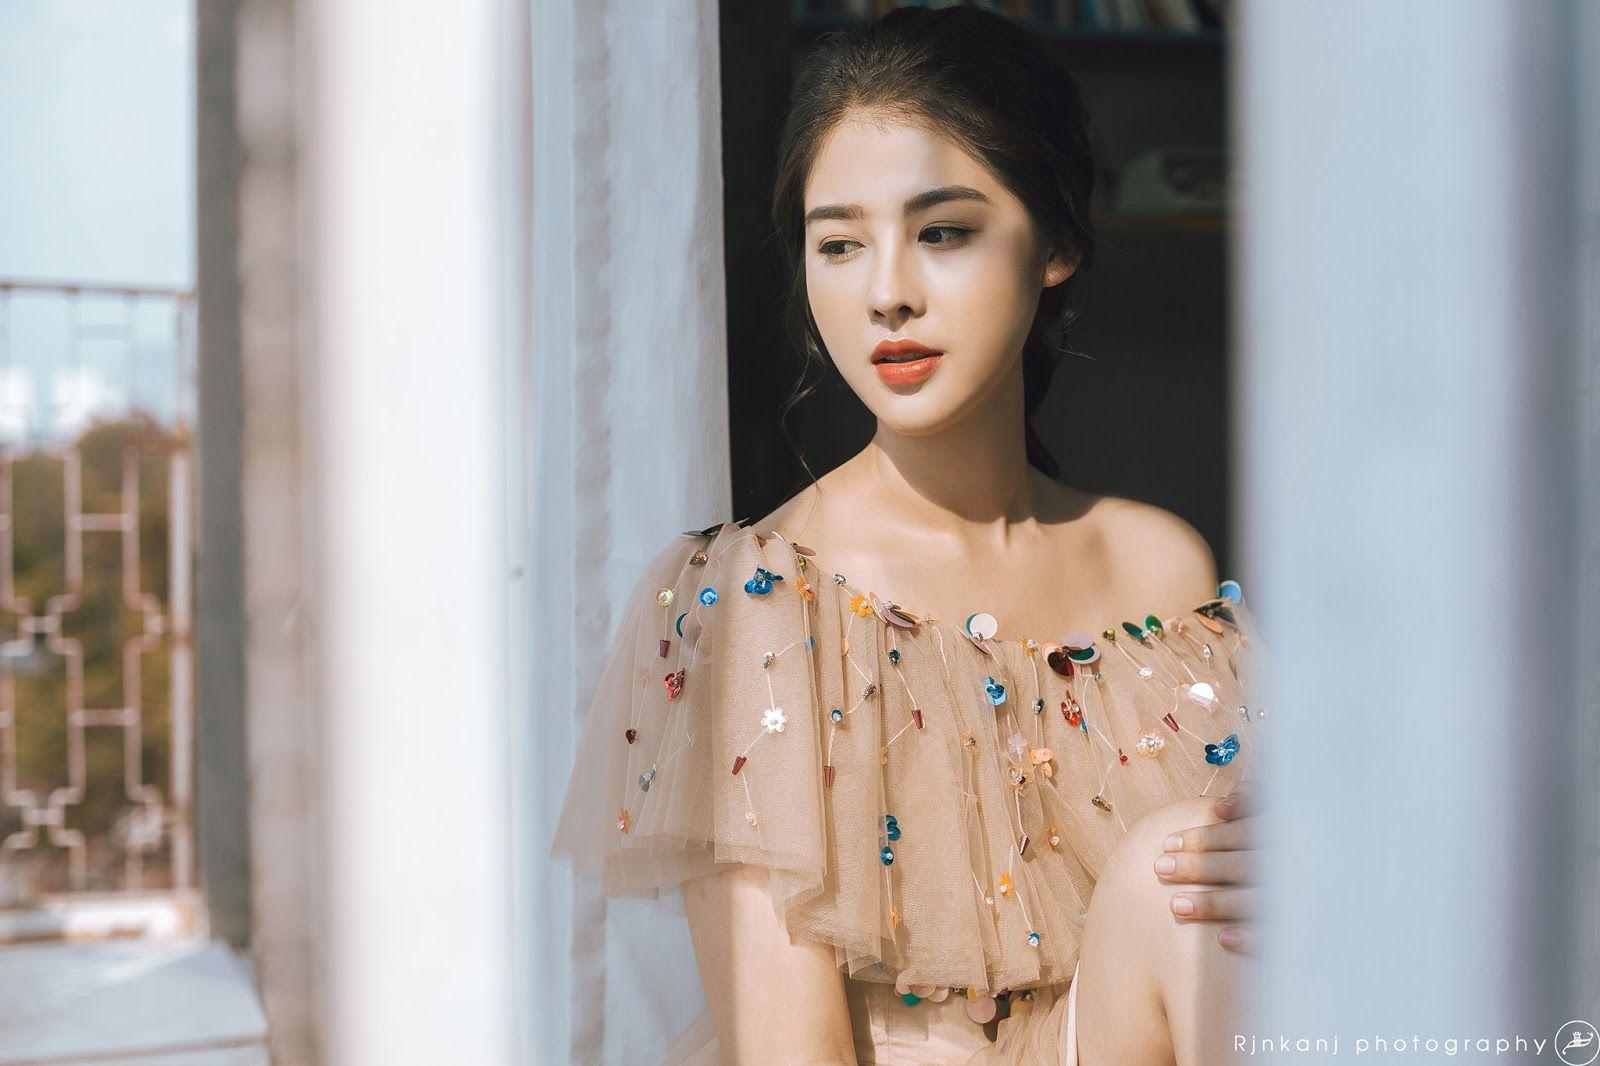 Ngắm ảnh Trần Quang Vũ xinh đẹp như hoa mùa xuân